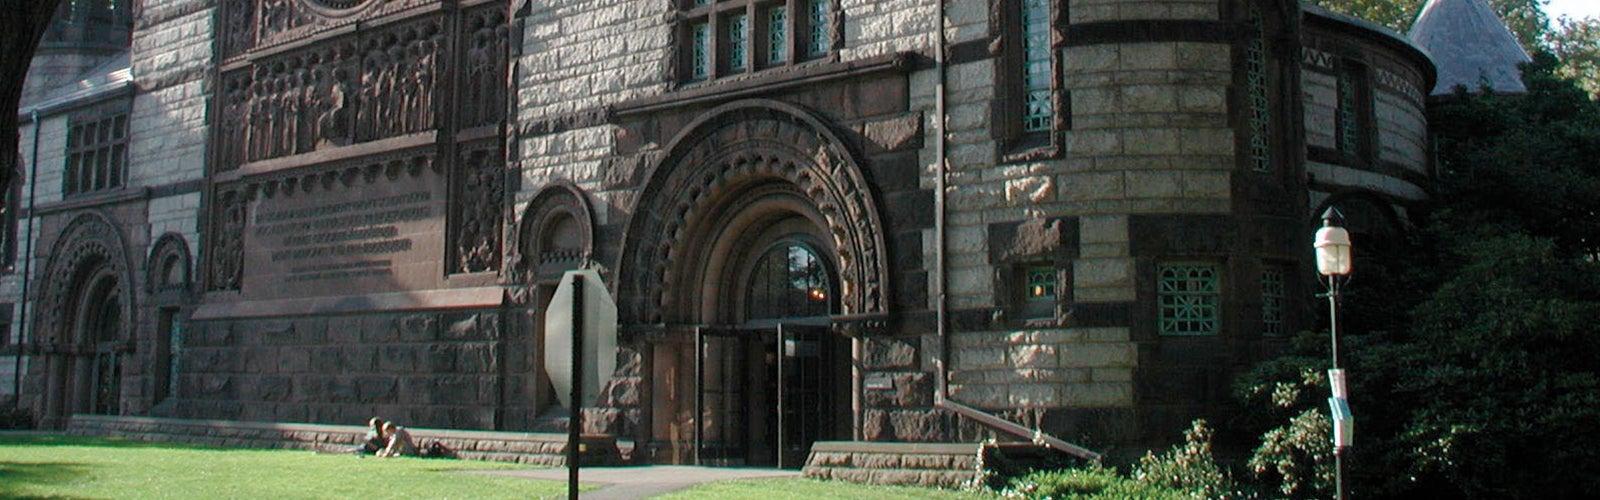 Venue-Princeton-Richardson-banner-1600x500.jpg